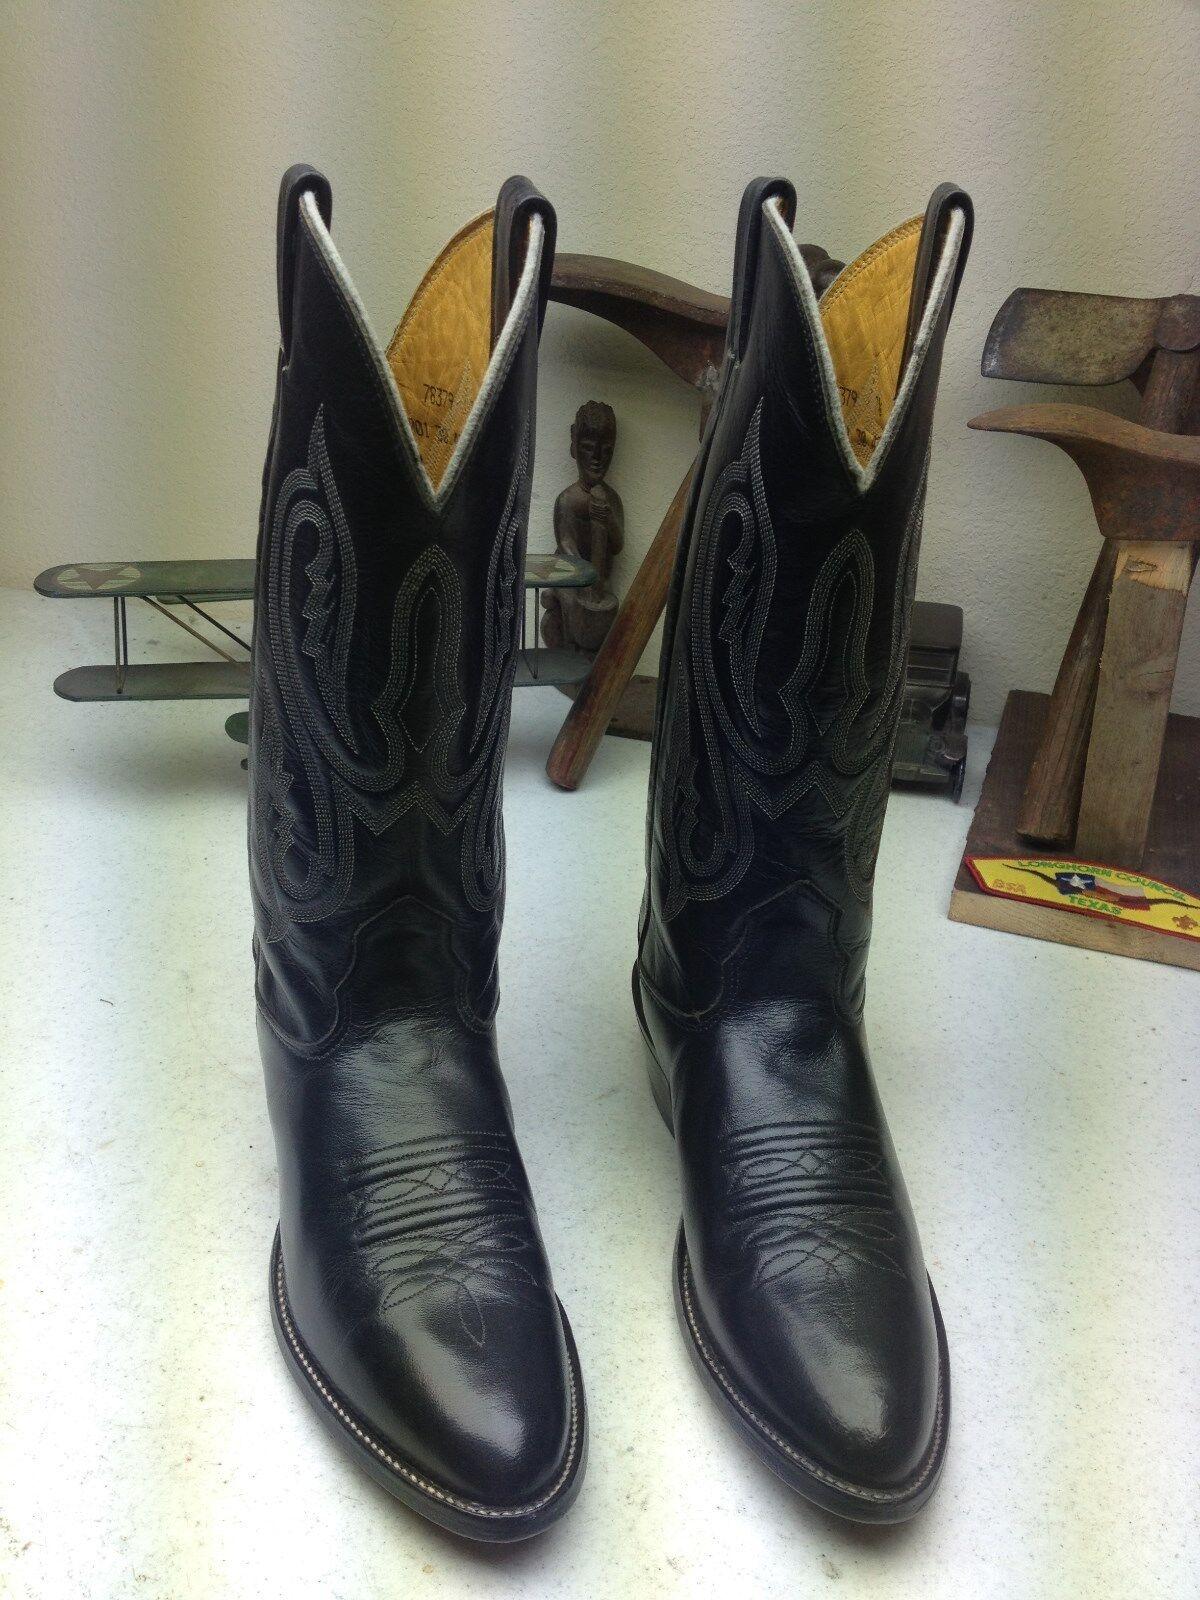 MADE IN USA NOCONA BLACK LEATHER WESTERN WESTERN WESTERN COWBOY ROCKABILLY DANCE BOOTS 7.5  B 9eb582